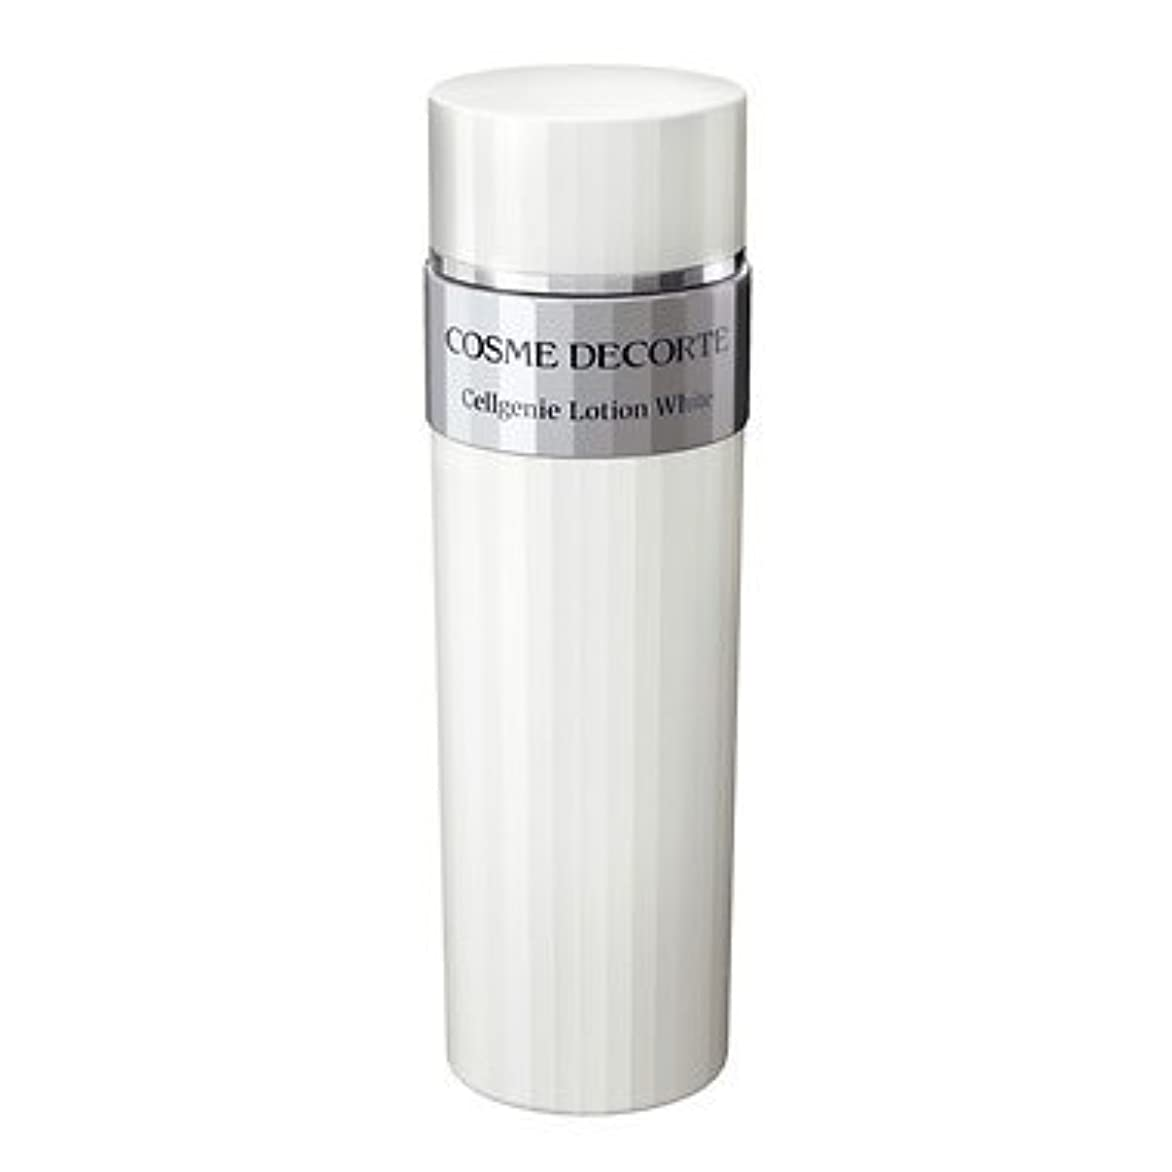 等はねかける合併COSME DECORTE コーセー/KOSE セルジェニーローションホワイト 200ml [362916] [並行輸入品]